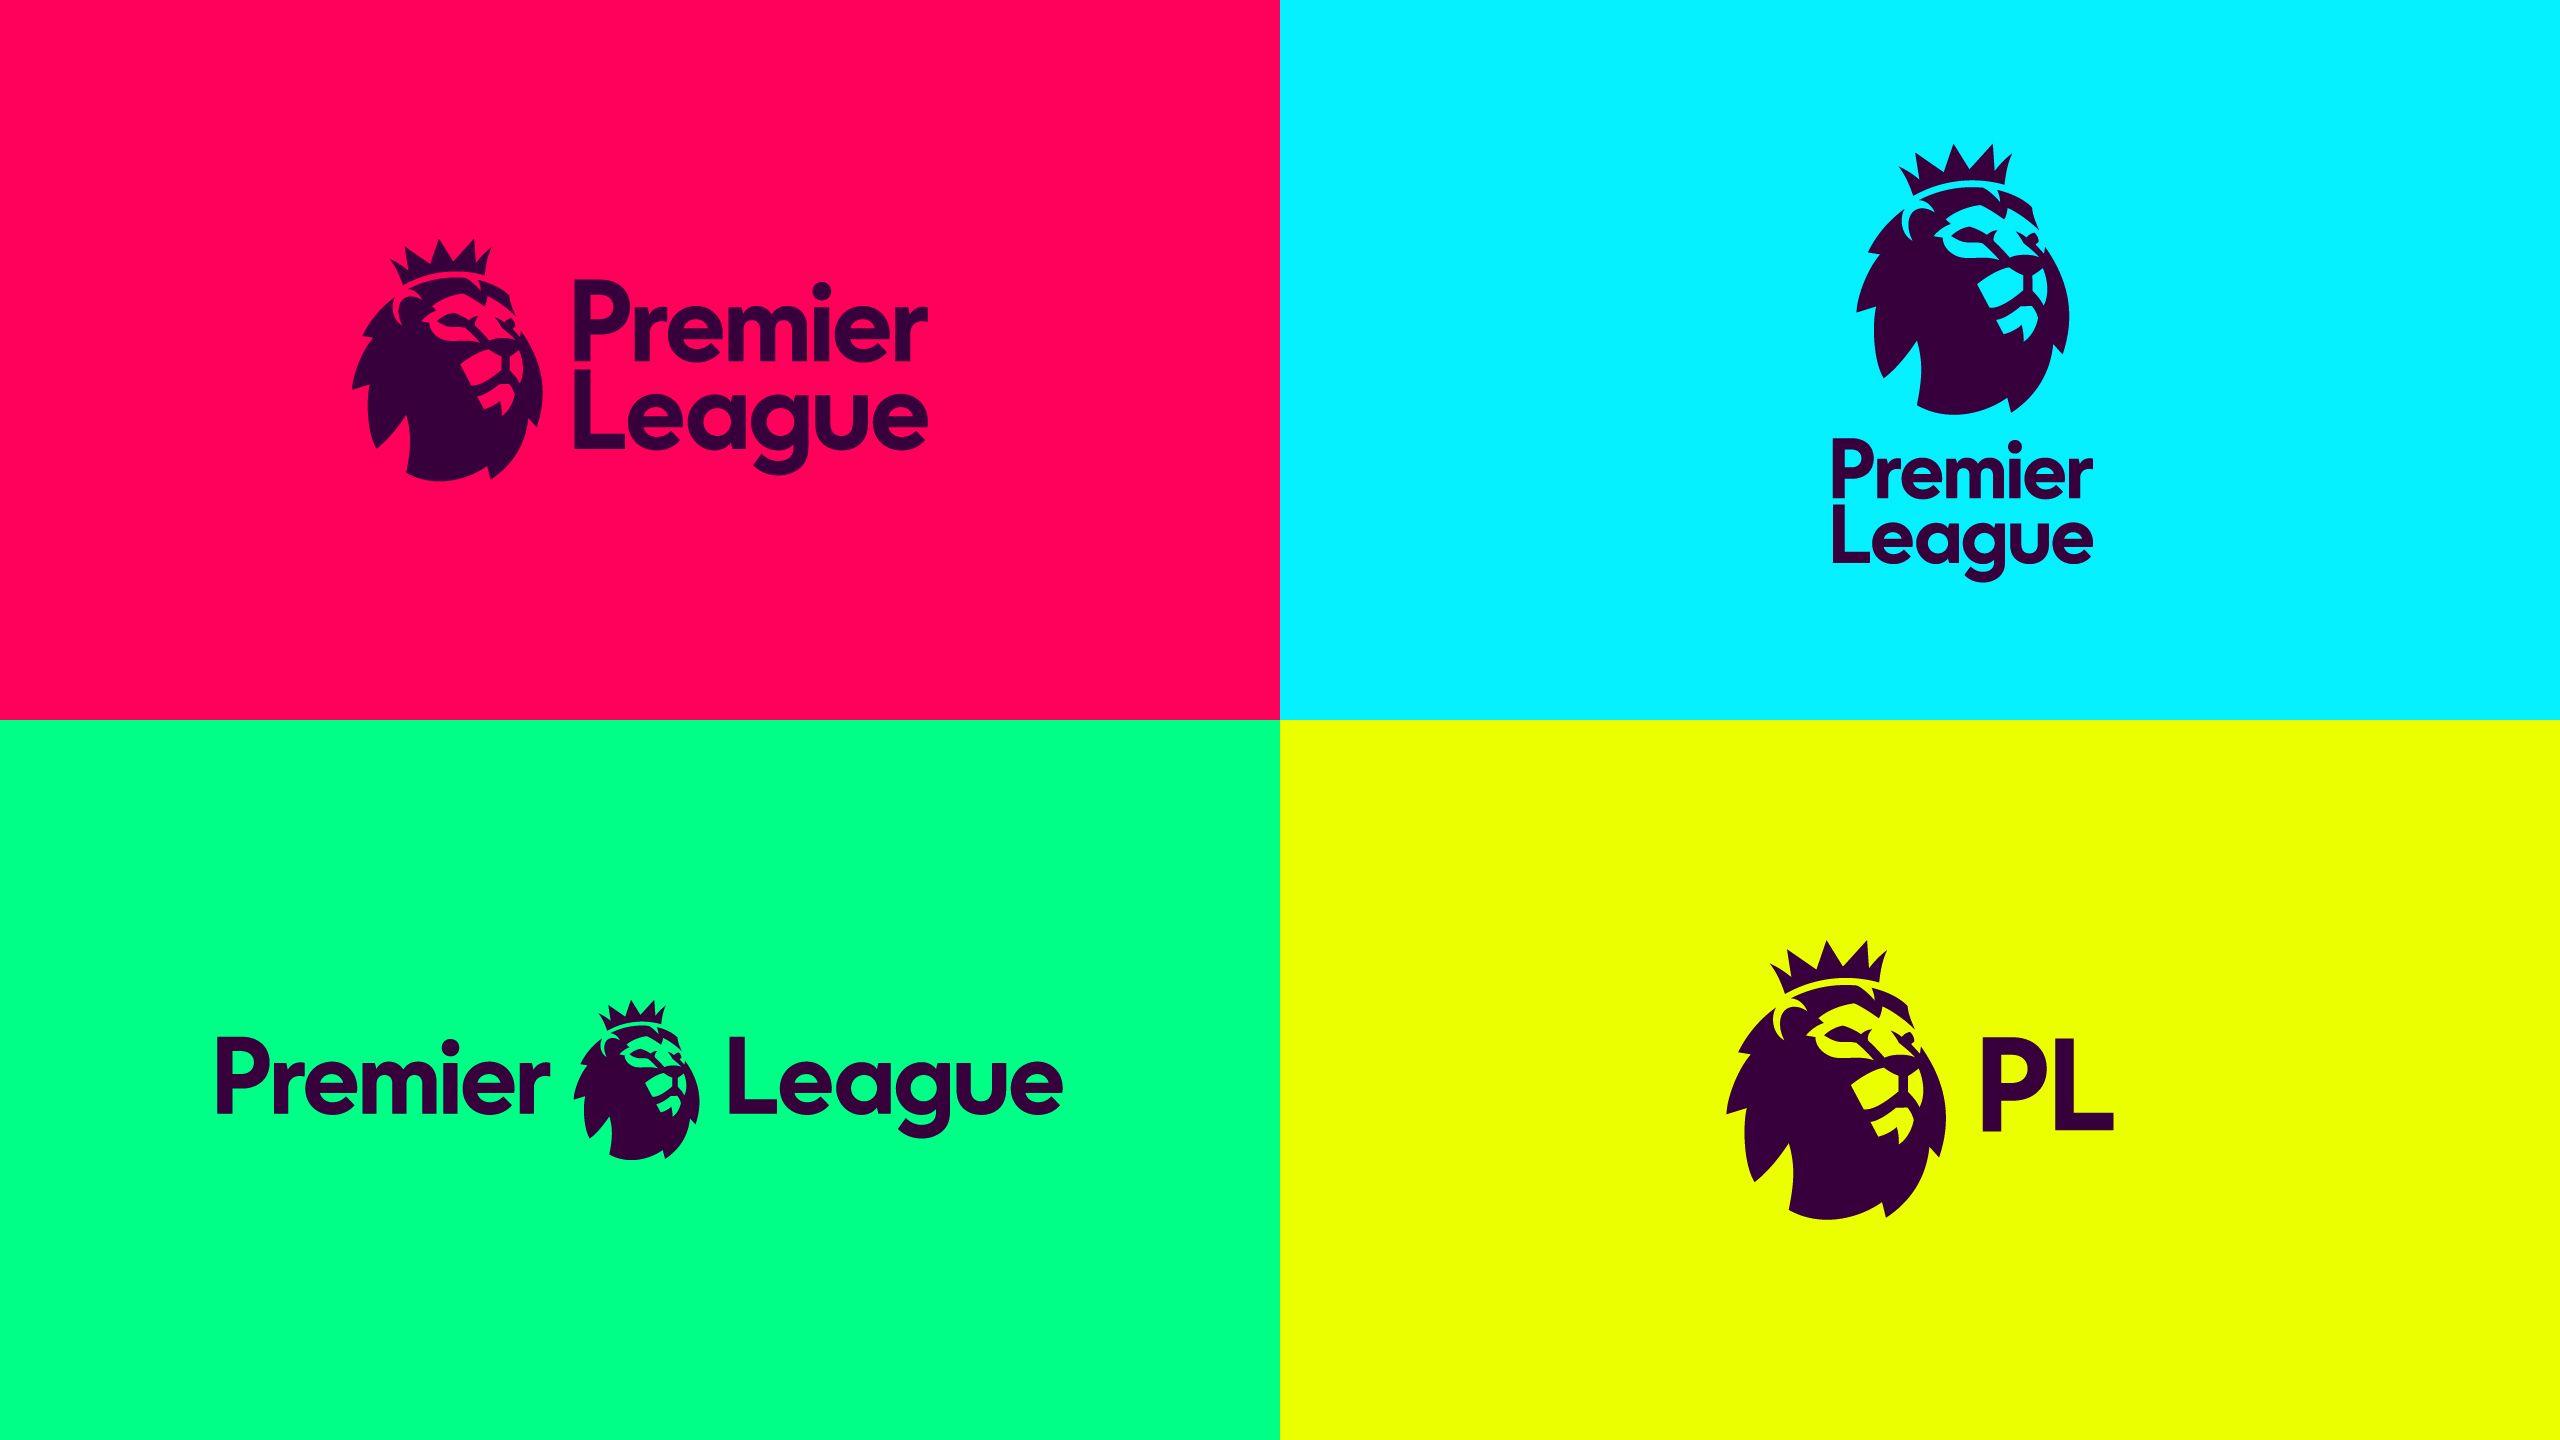 Distintas propuestas para variaciones de un logo.